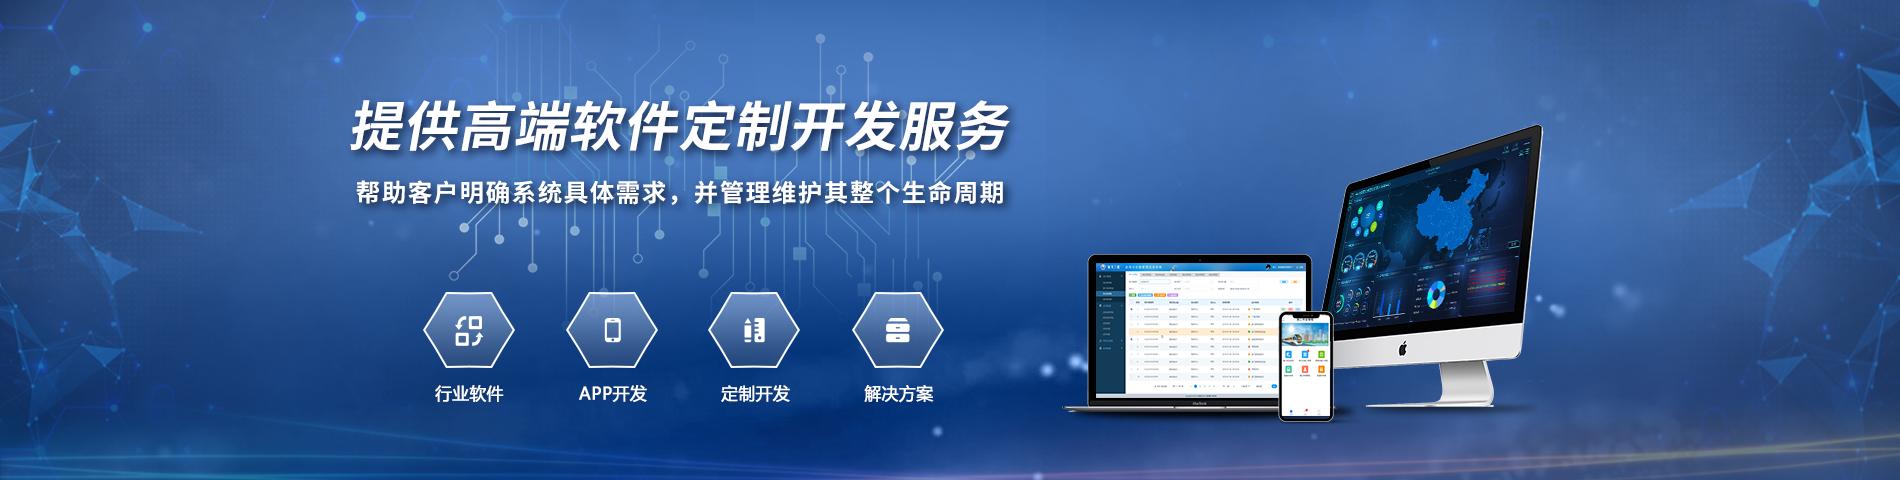 上海做软件定制开发比较出名的公司有哪些?